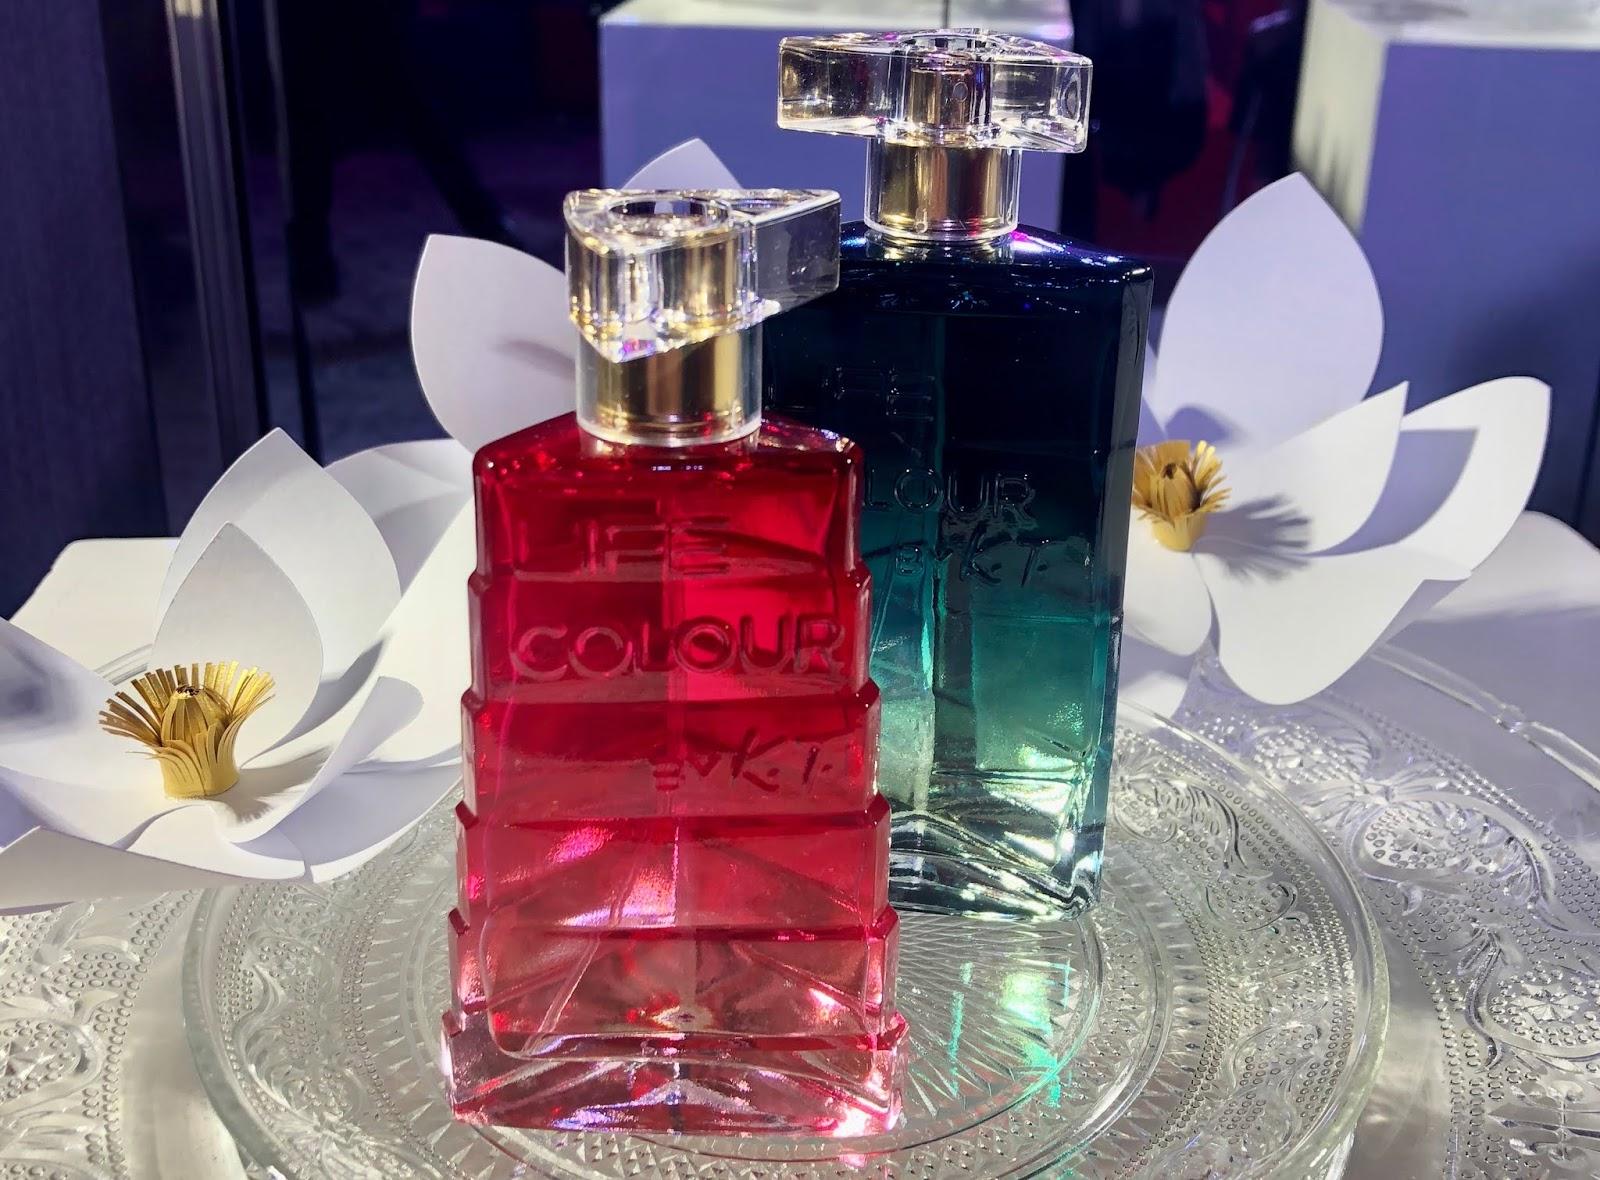 69926faf Mi elegido fue un vestido verde que lo combiné con aros azules y labios  rosas. Con respecto Avon Life Colour, fue creada por Kenzo Takada junto a dos  de los ...